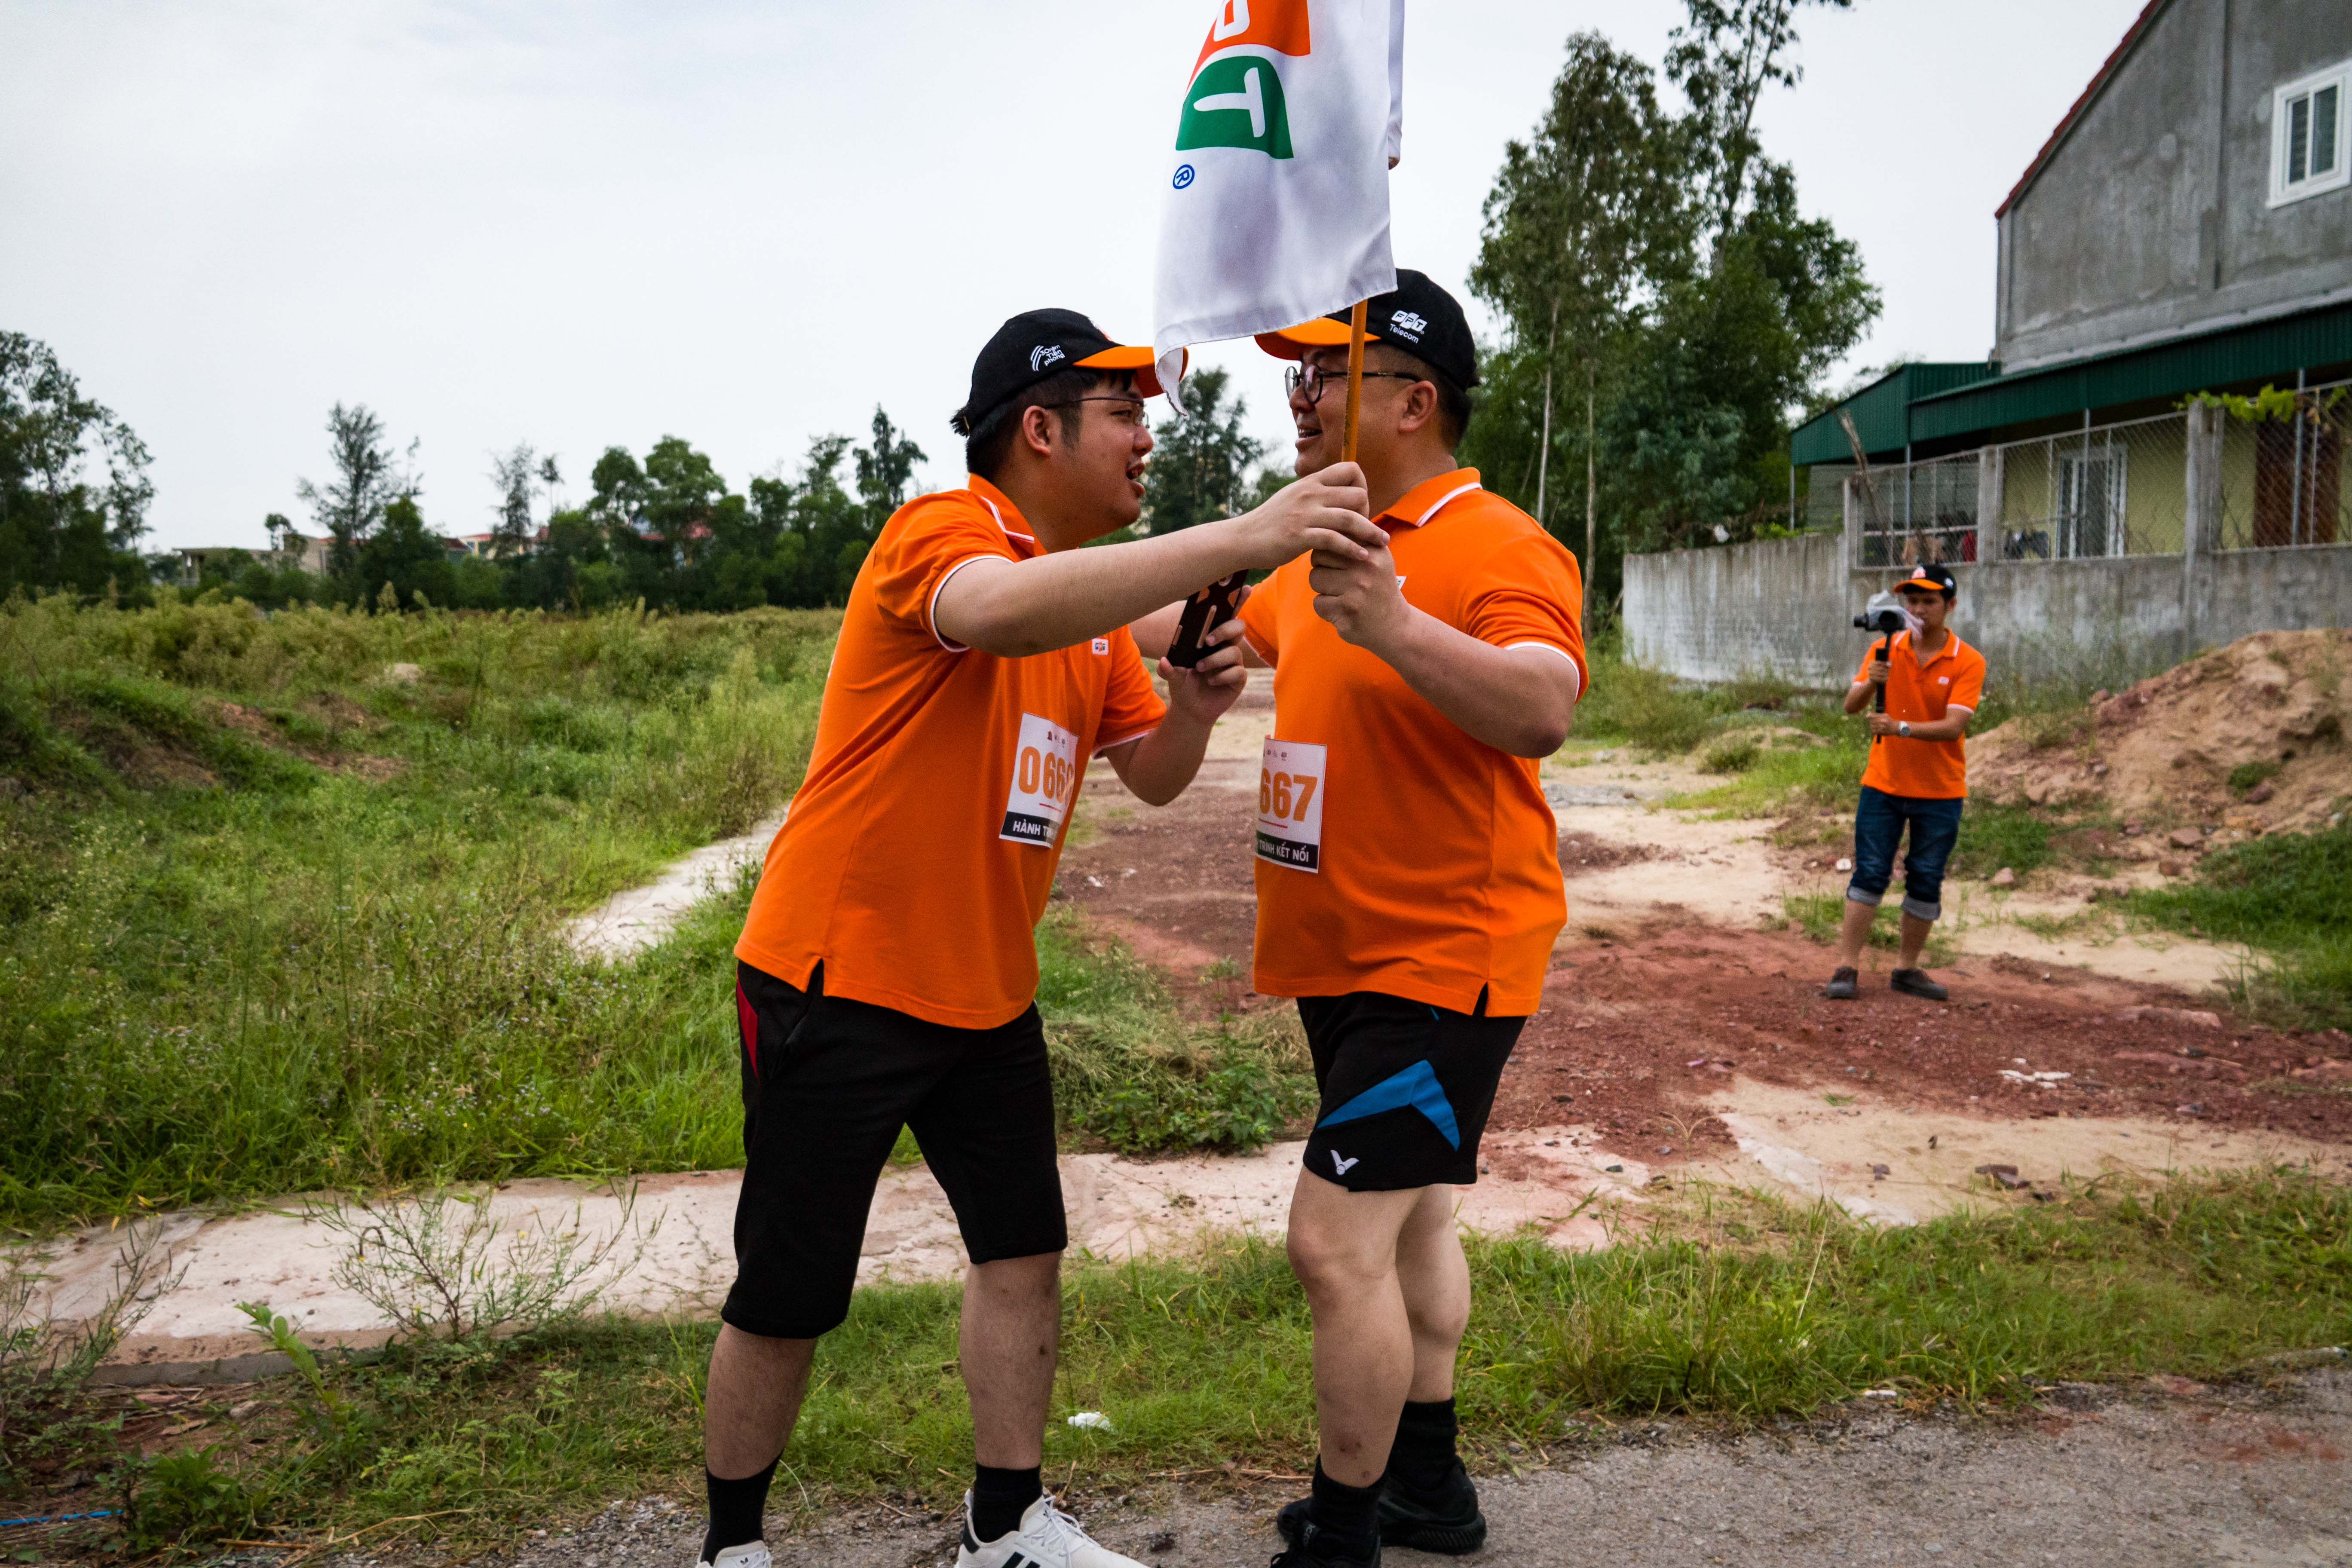 Ngoài ra, chạy nối tiếp anh Tiến còn có con trai anh là Hoàng Nam Hải. Anh Hải thử sức quãng đường 900m do anh không thể chạy được lâu vì lý do chấn thương chưa phục hồi.